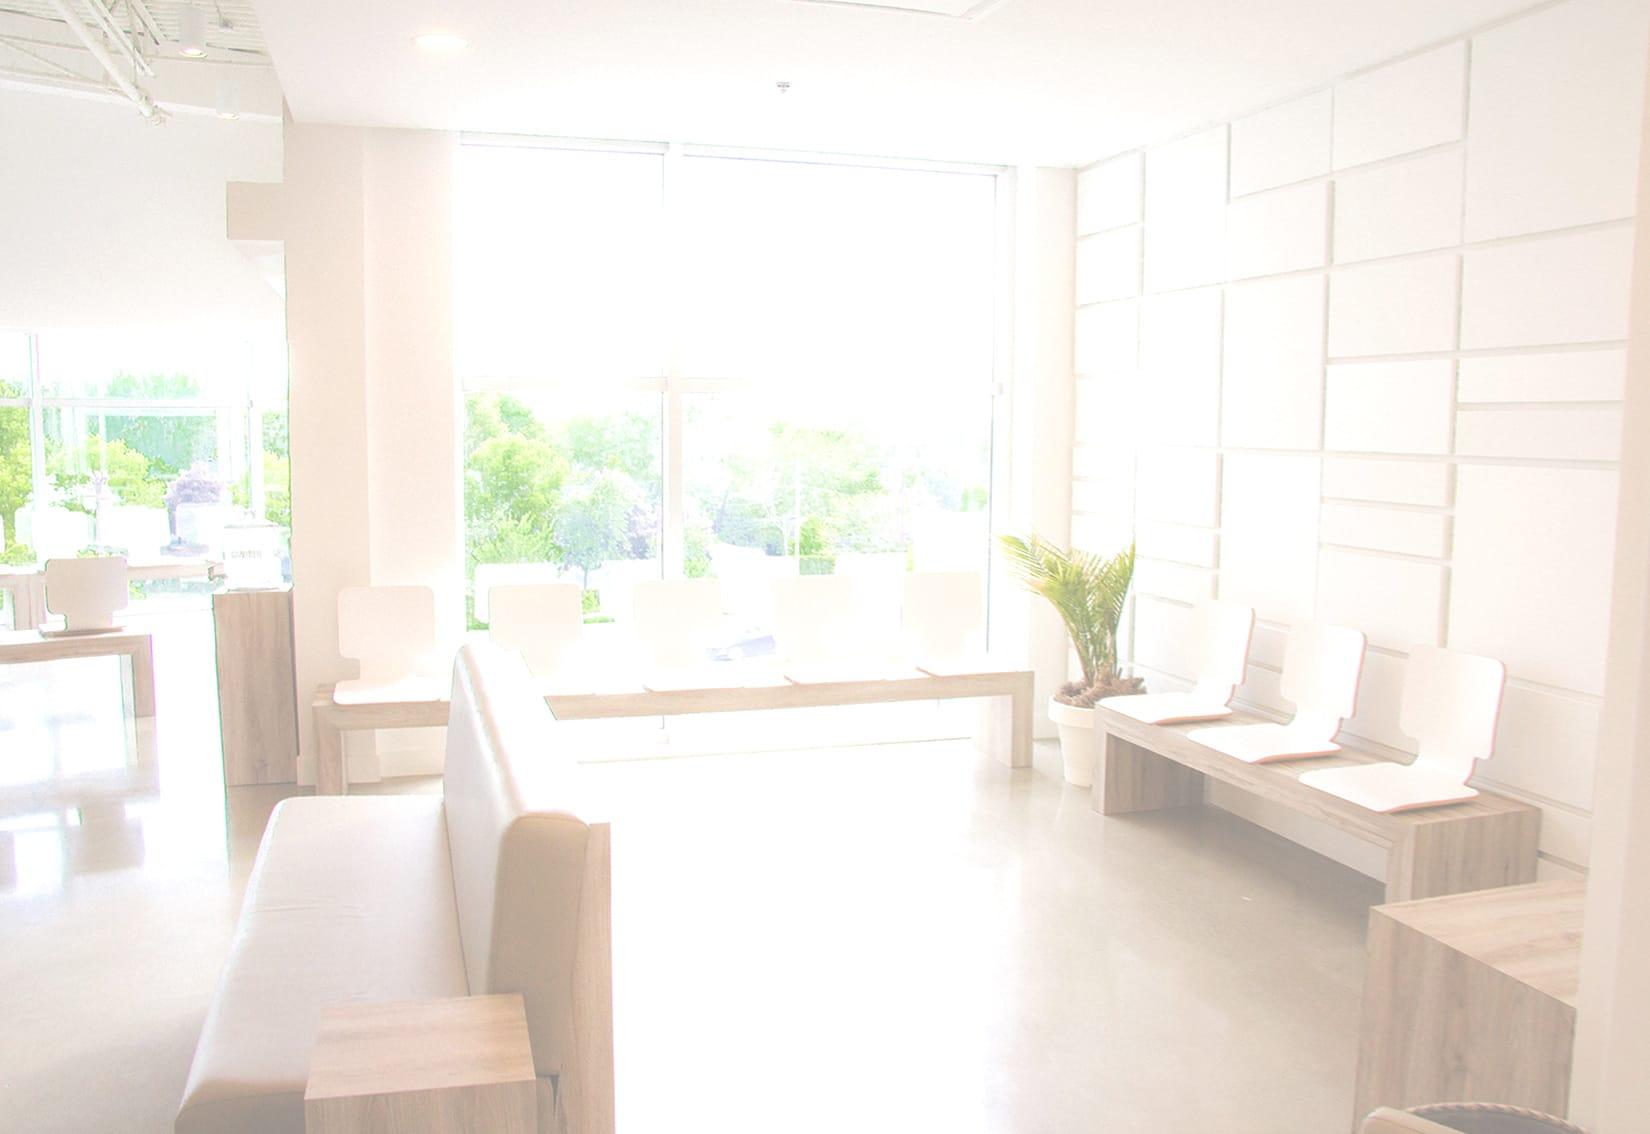 Salle d'attente de la clinique médicale Pure